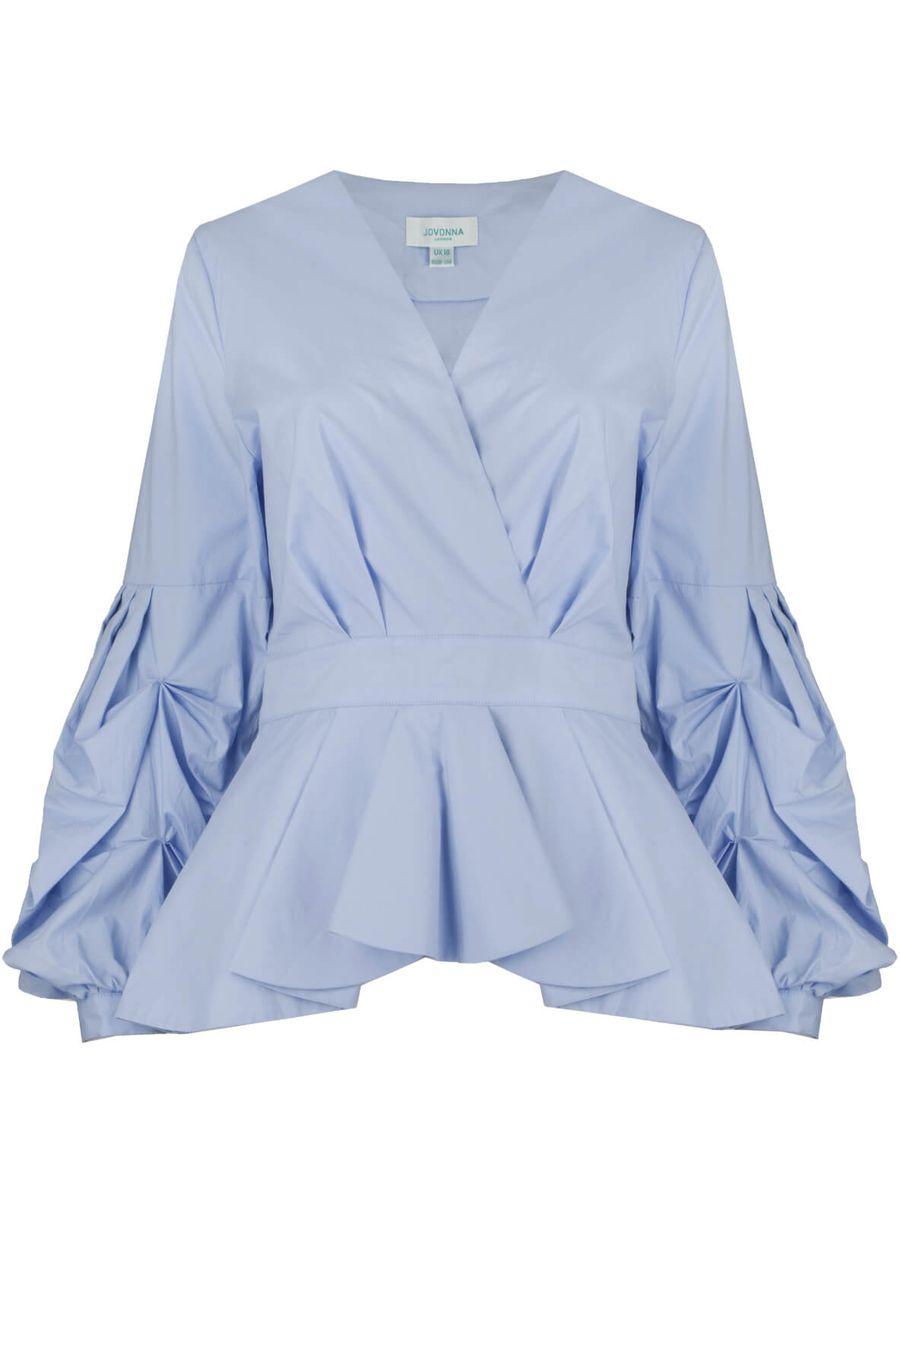 Style Theory_jovonna-lyla-blouse-1